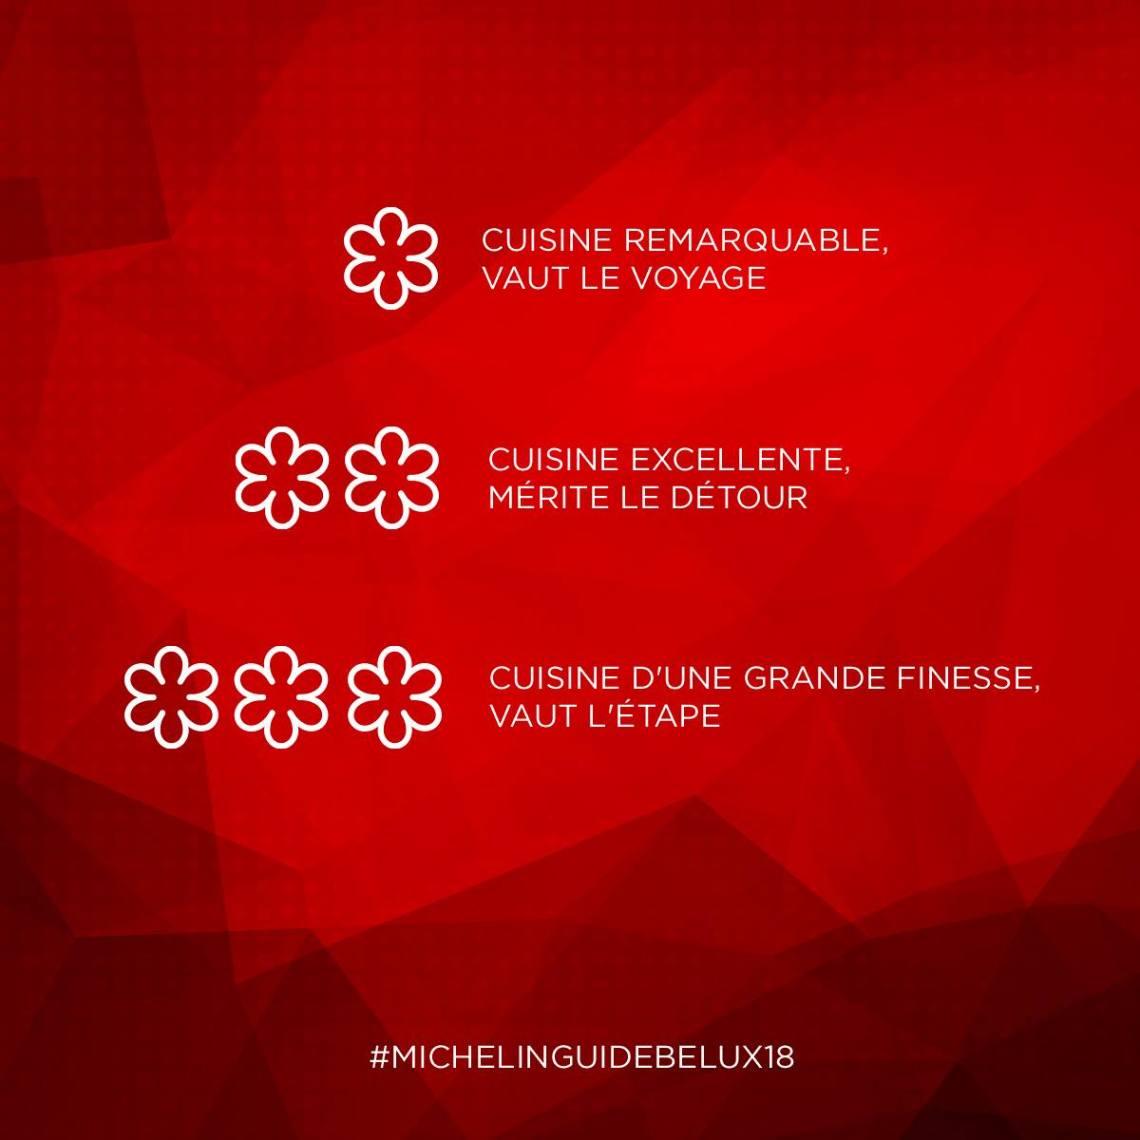 Guide Michelin 2018 - Les étoiles